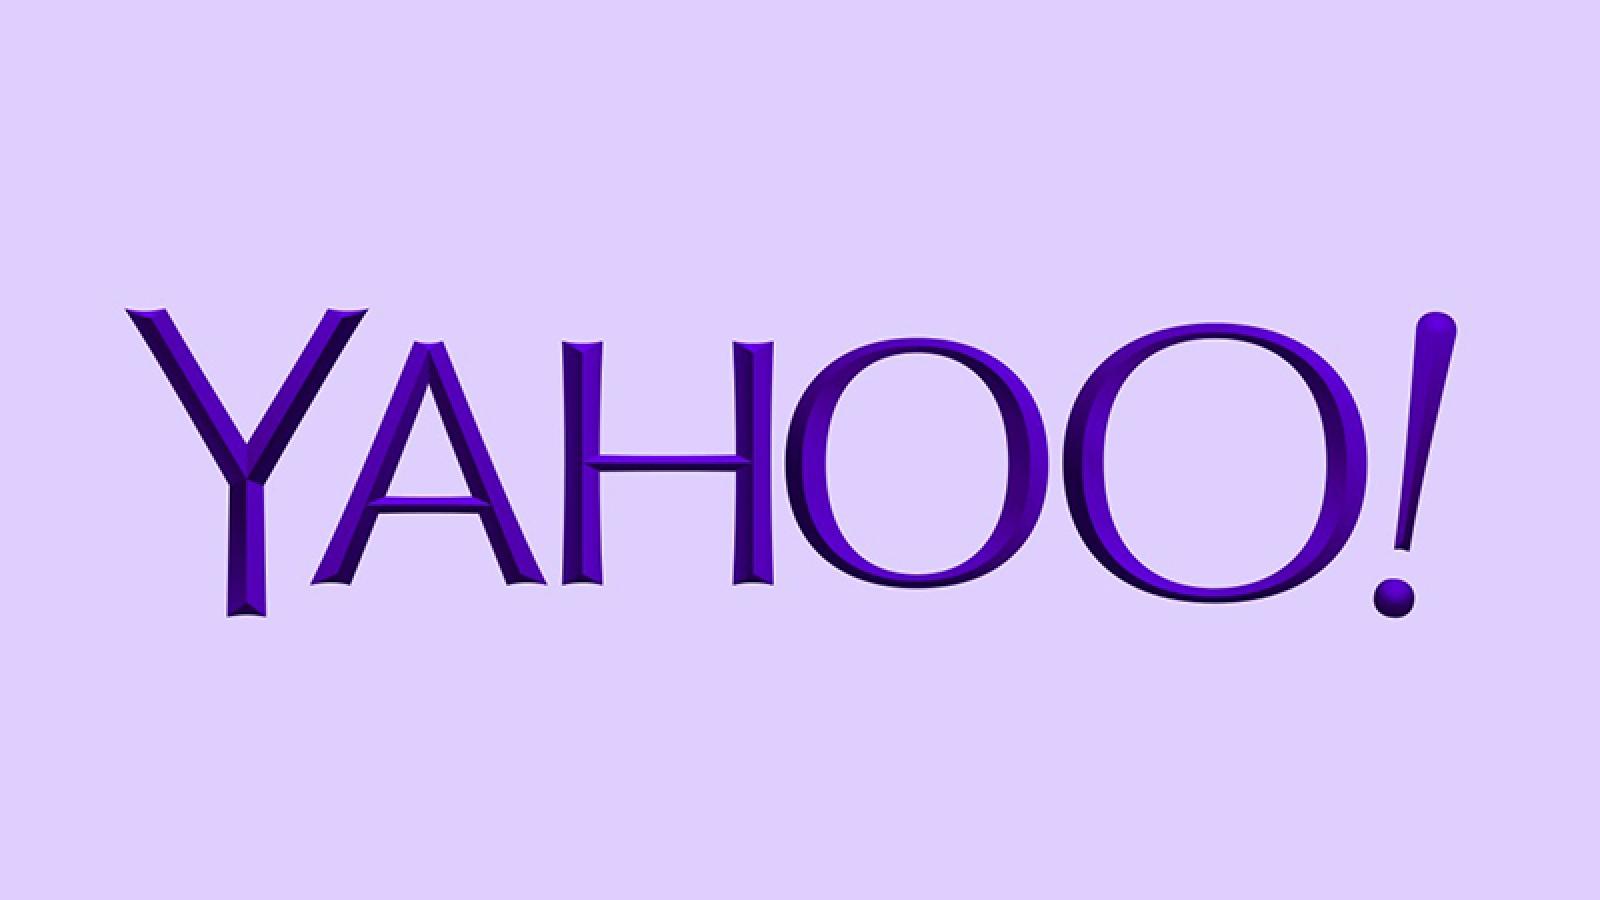 Thêm một dịch vụ nổi tiếng của Yahoo sắp bị đóng cửa